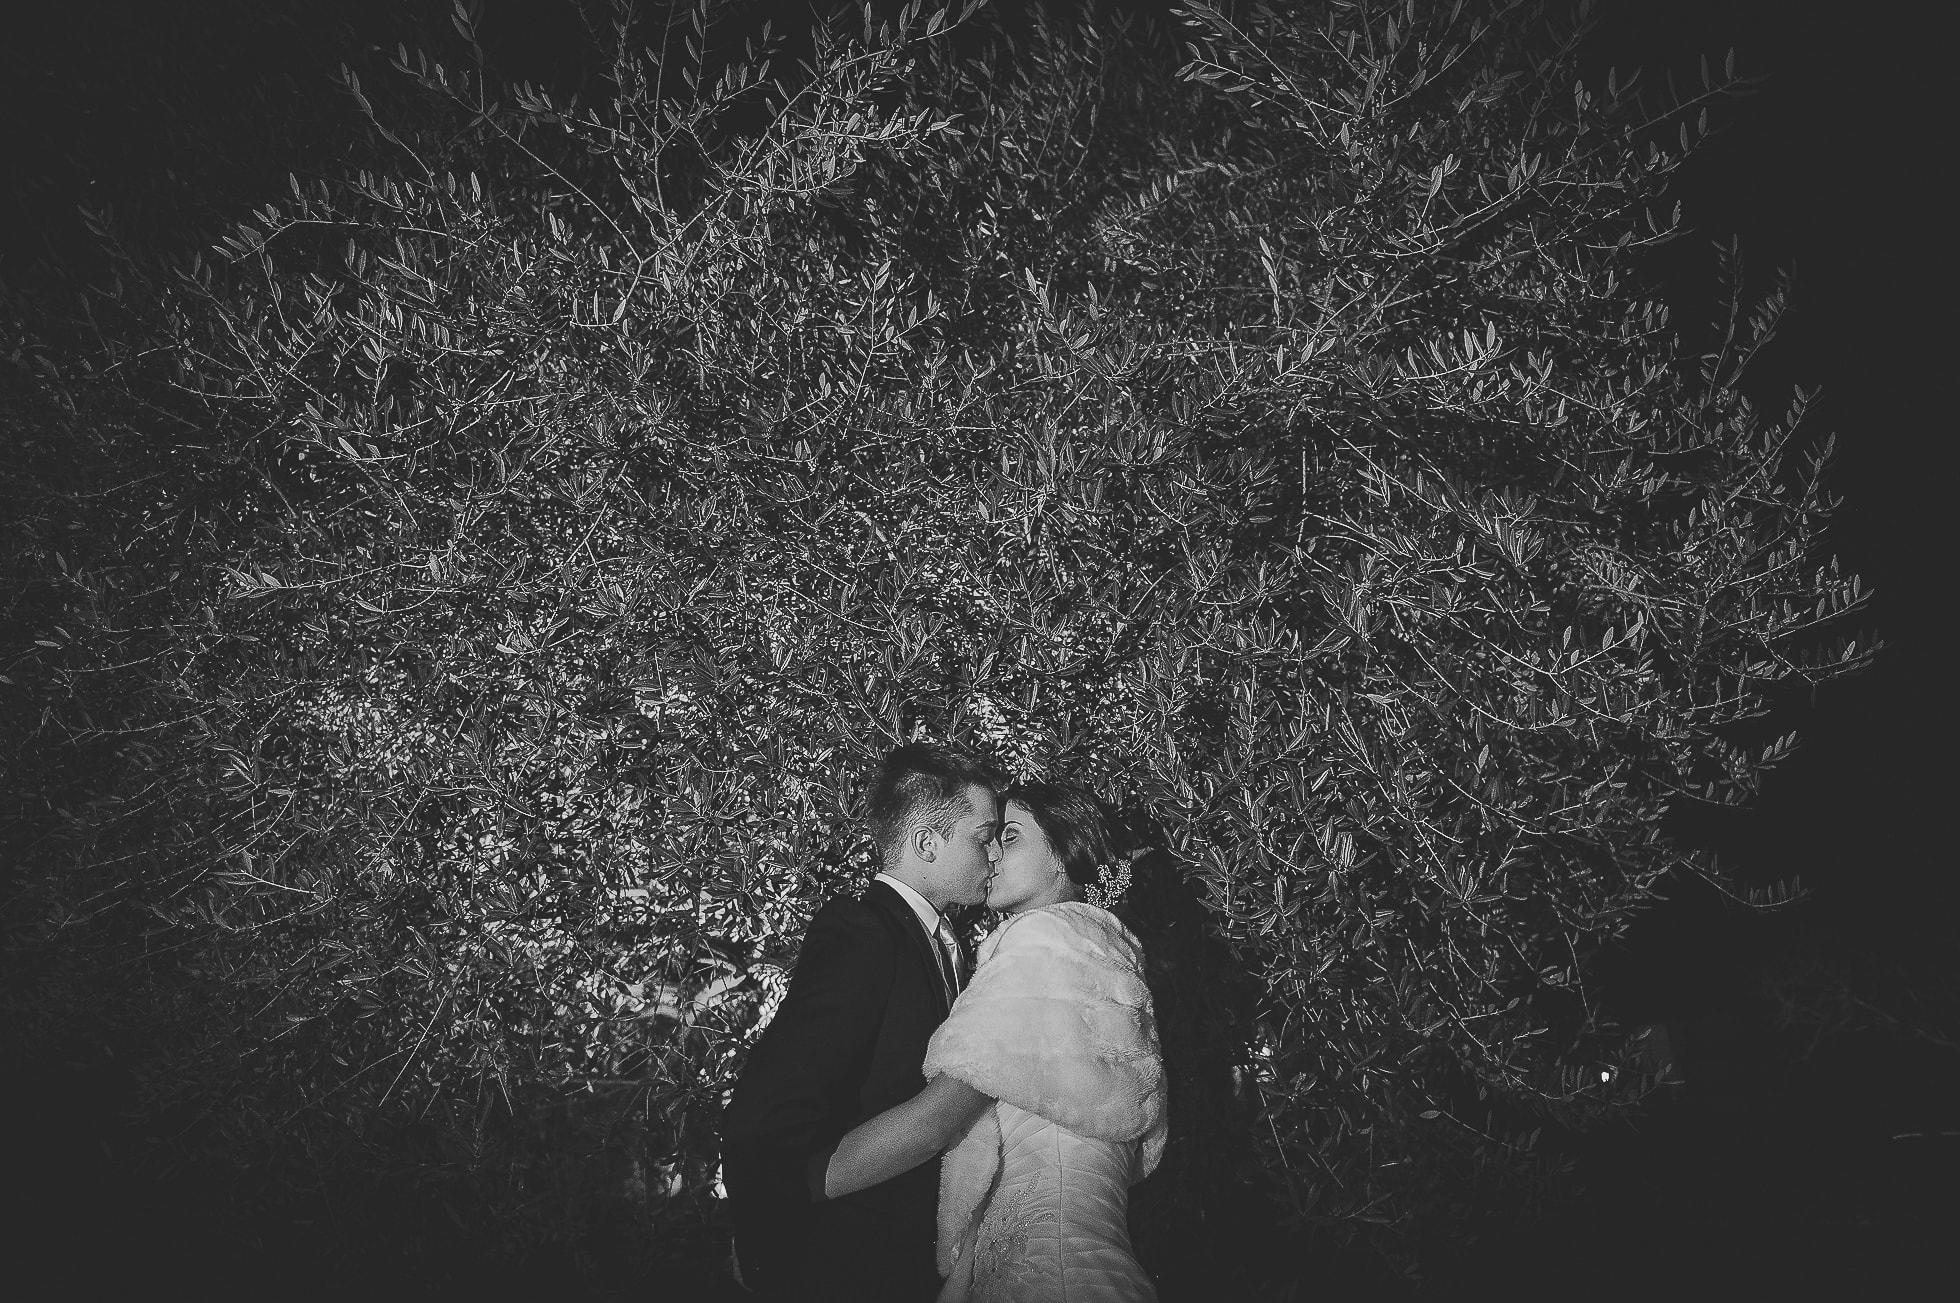 Fotografo matrimonio verona sposi